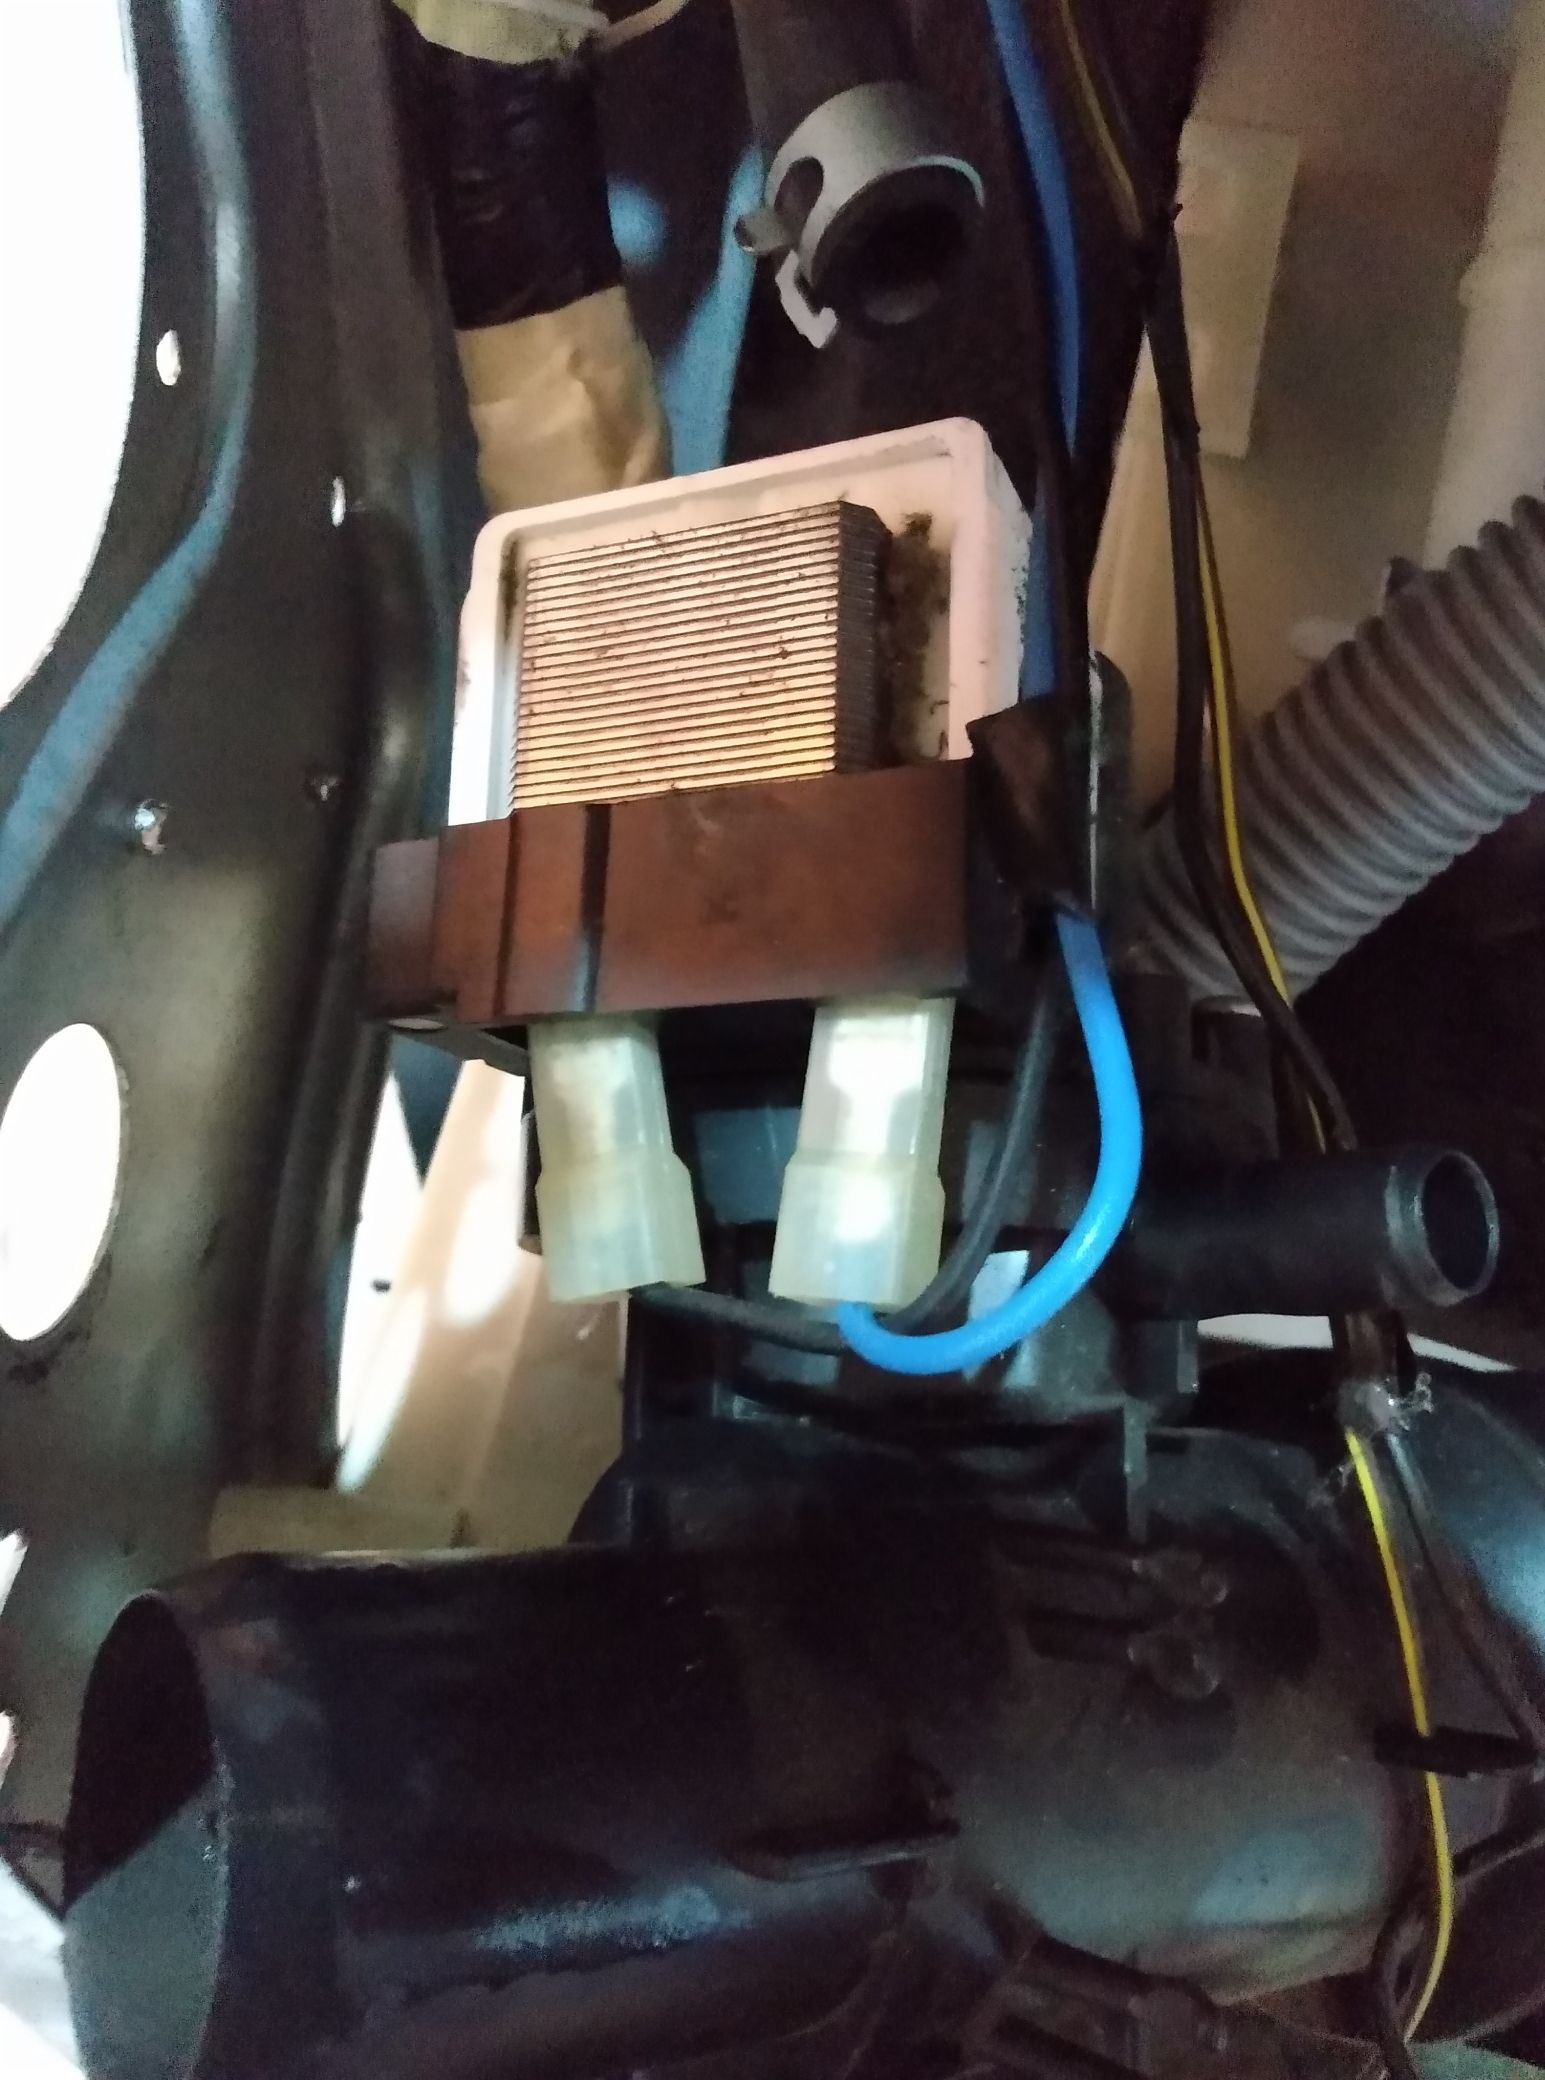 verificação na parte da bomba da máquina de lavar